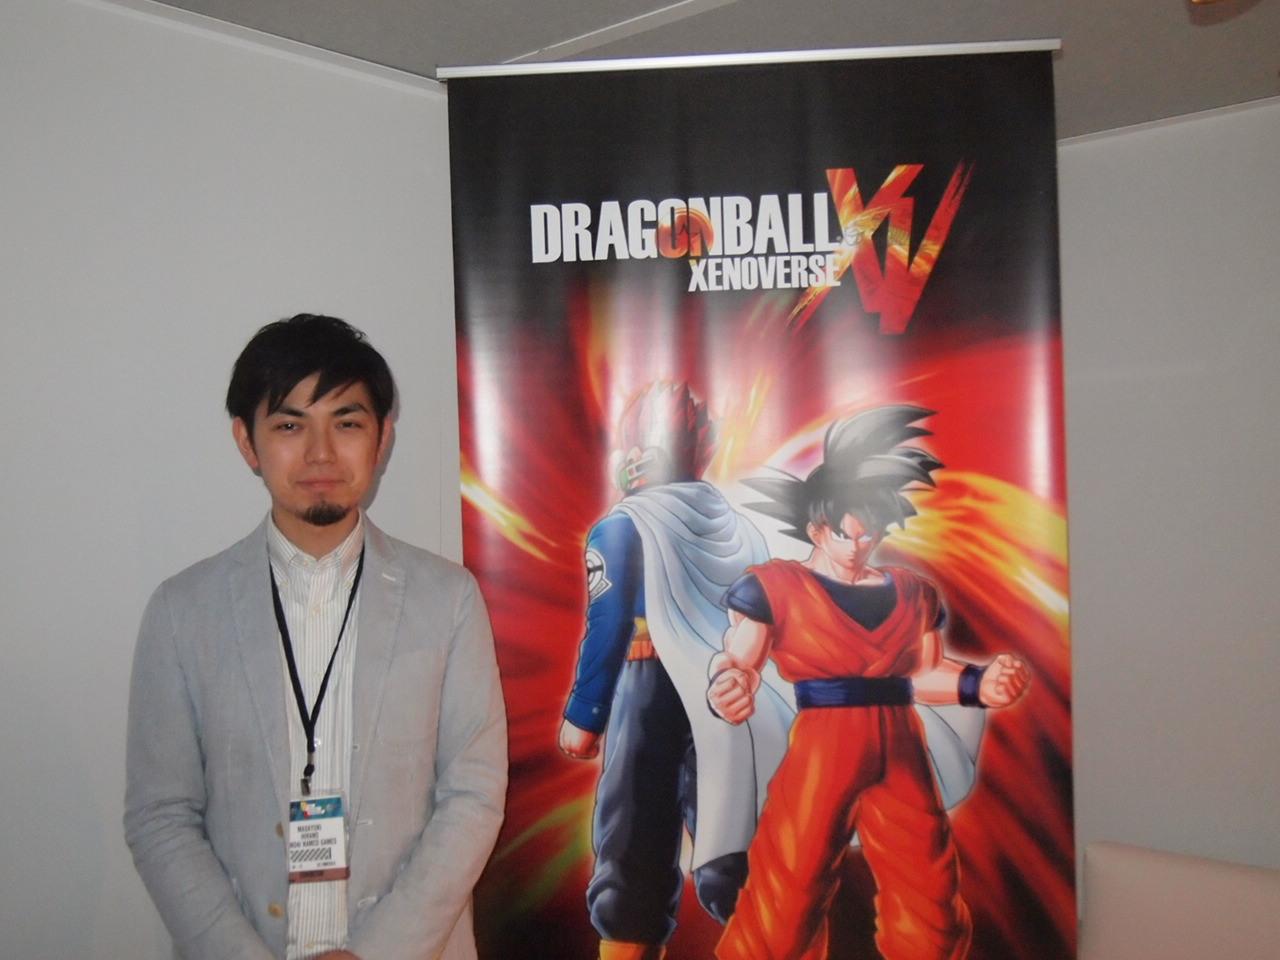 「ドラゴンボール ゼノバース」のプロデューサー 平野真之氏